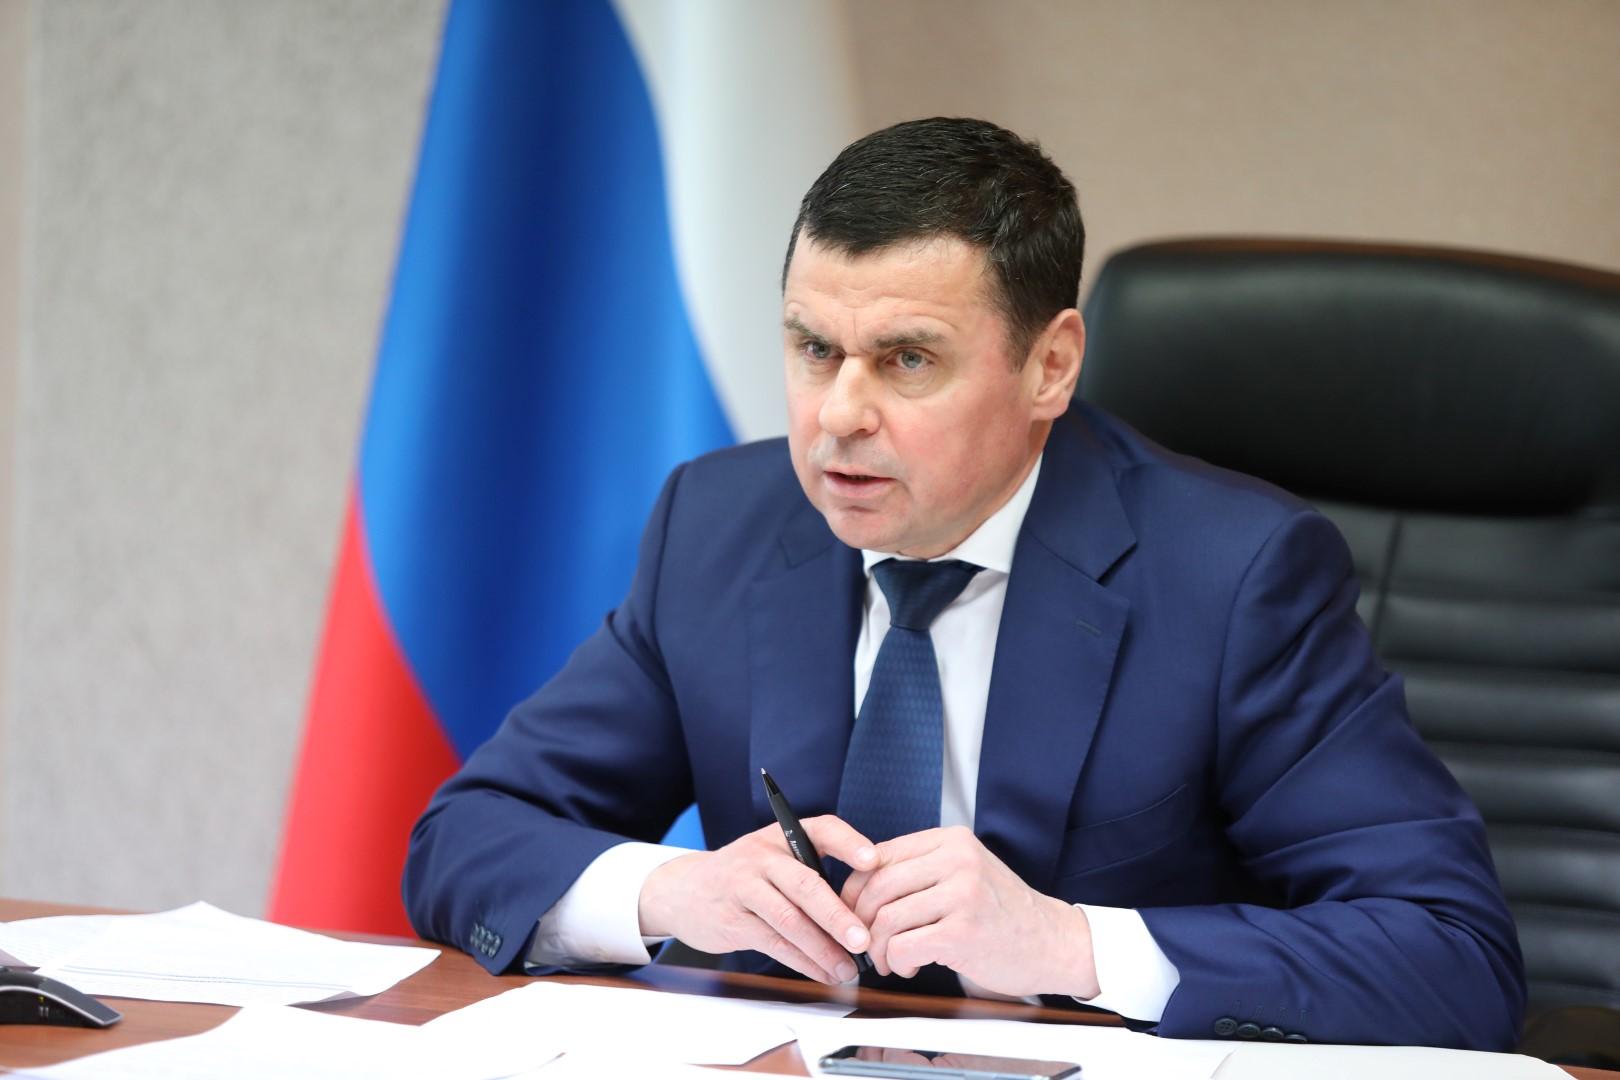 Площадь лесовосстановления в Ярославской области в 2020 году на 800 гектаров превысила площадь вырубок